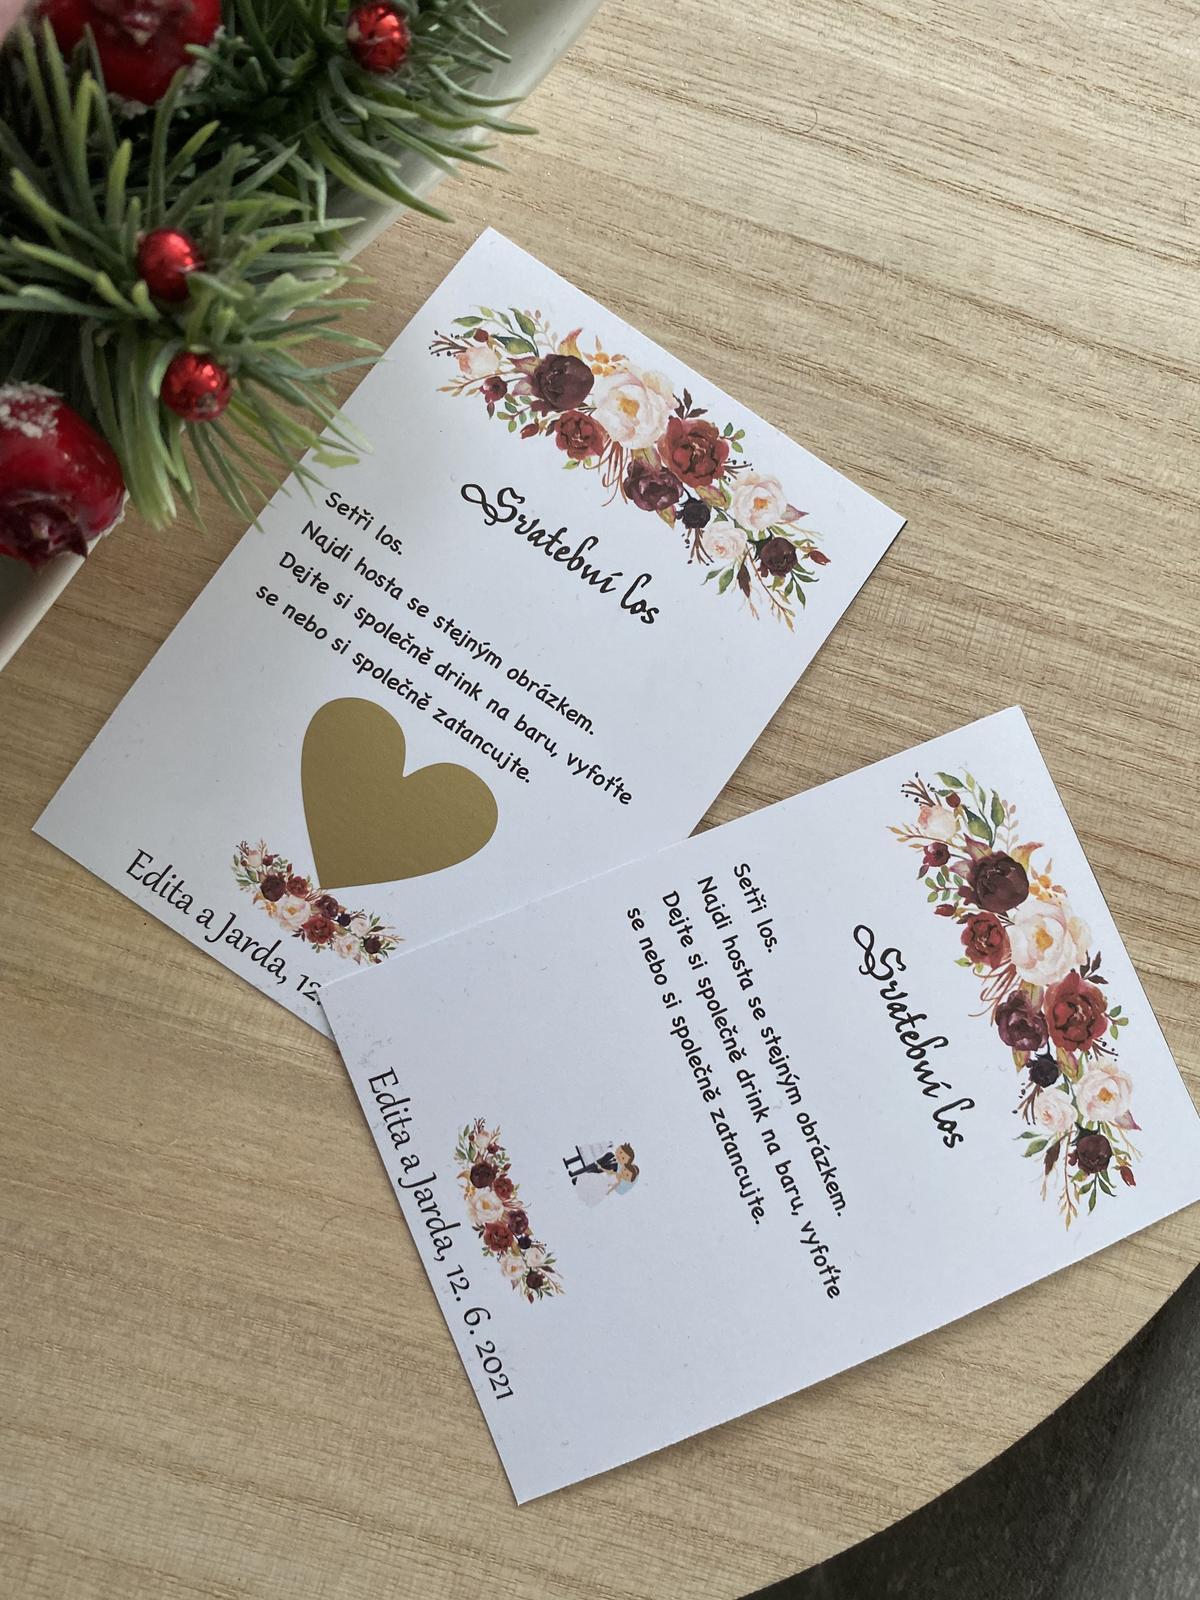 Stírací losy na svatbu - Obrázek č. 1